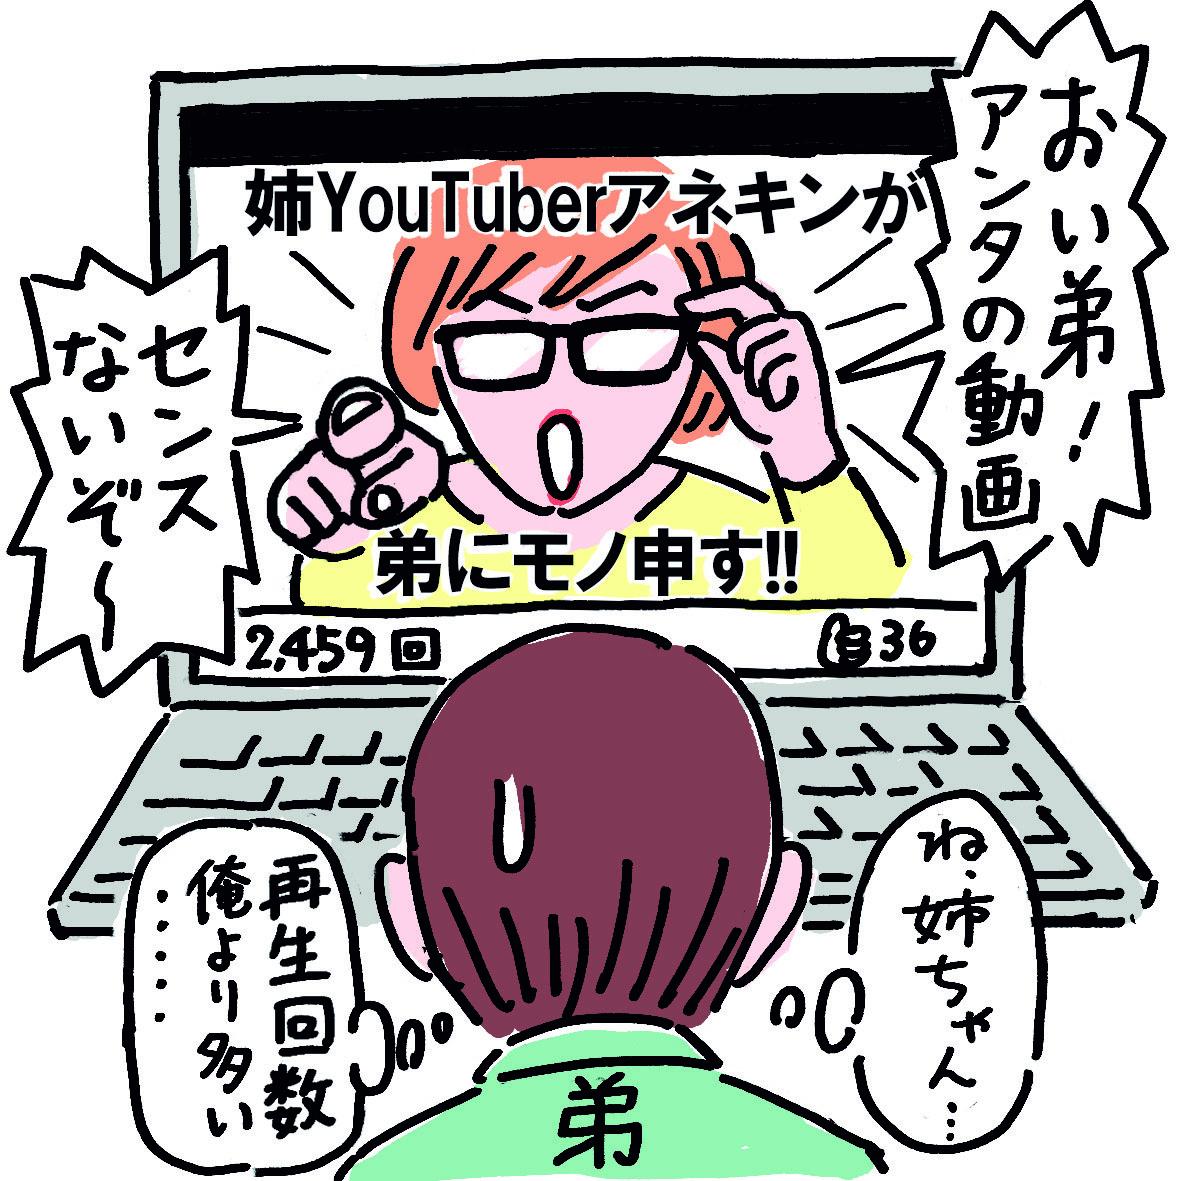 人気YouTuberになるには